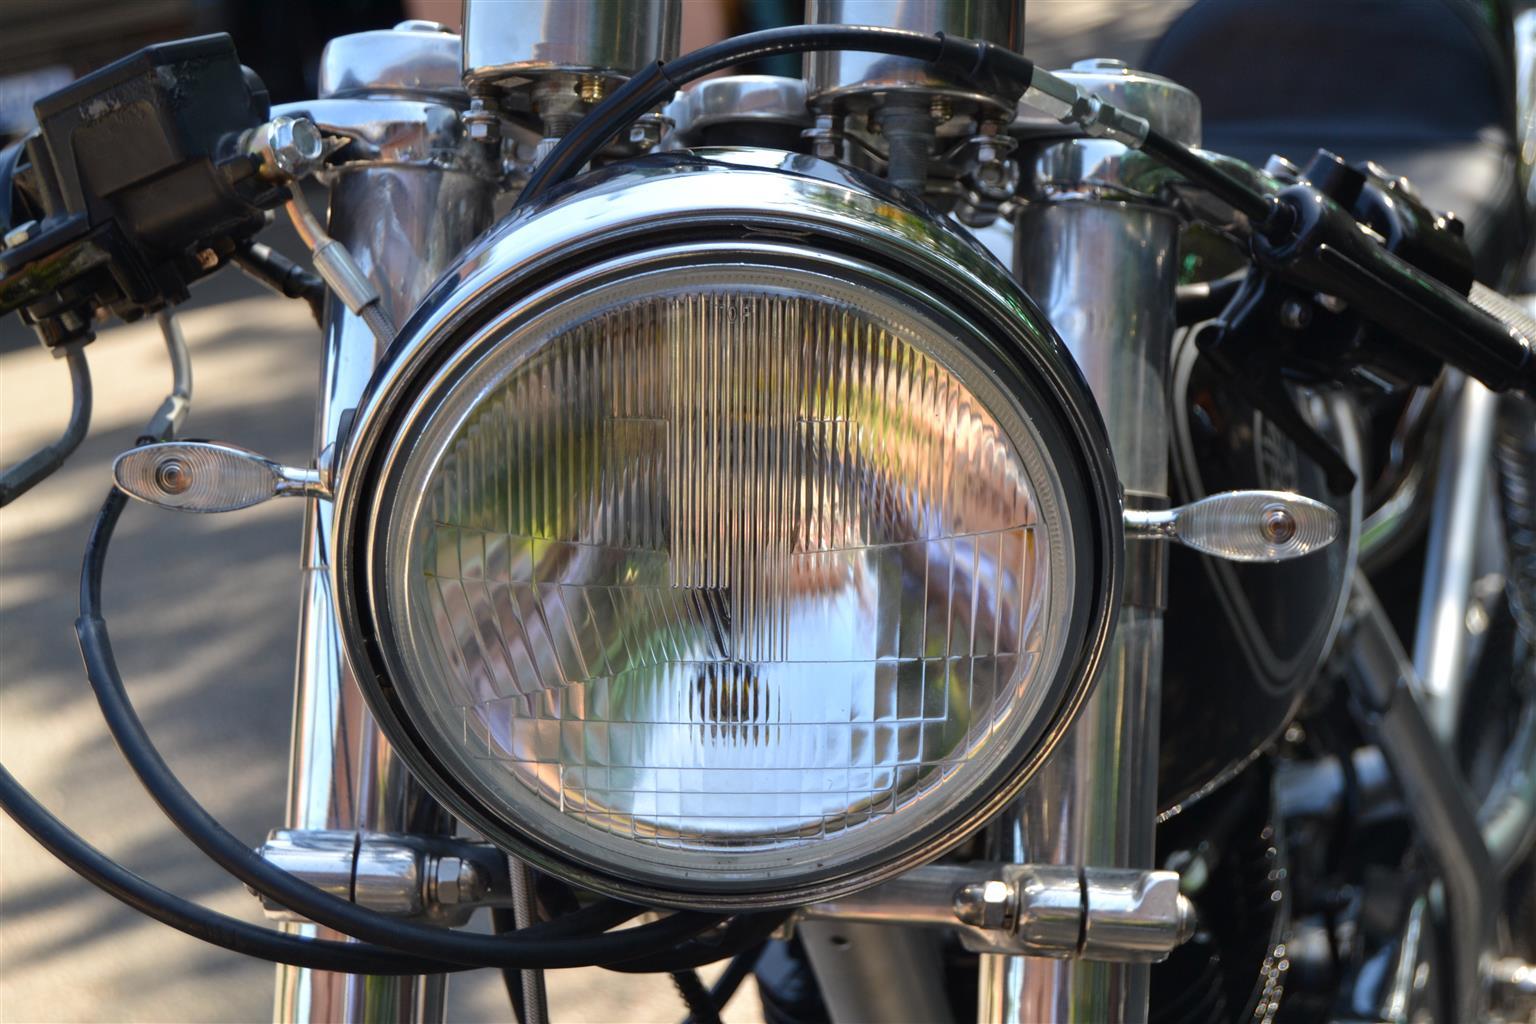 Yamaha Cafe Racer For Sale Durban